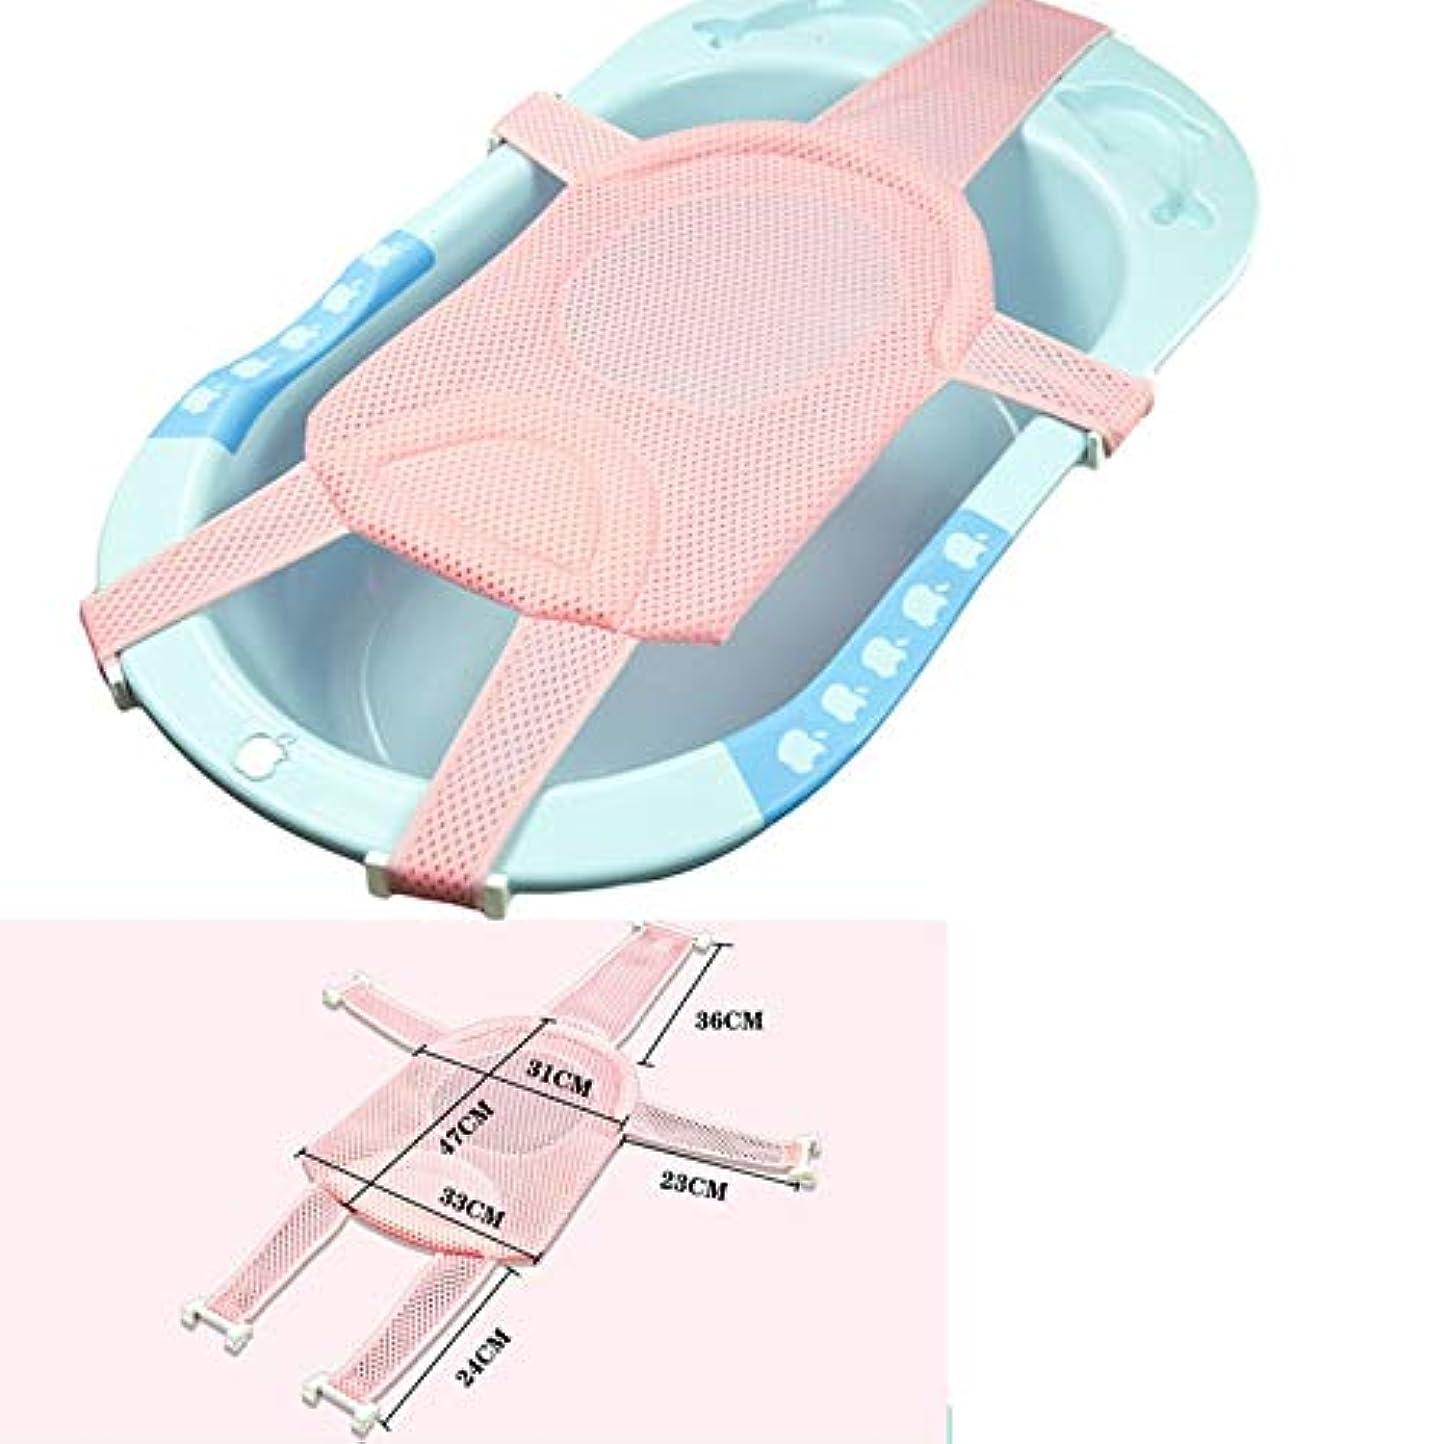 むちゃくちゃペニー召集するSMART 漫画ポータブル赤ちゃんノンスリップバスタブシャワー浴槽マット新生児安全セキュリティバスエアクッション折りたたみソフト枕シート クッション 椅子